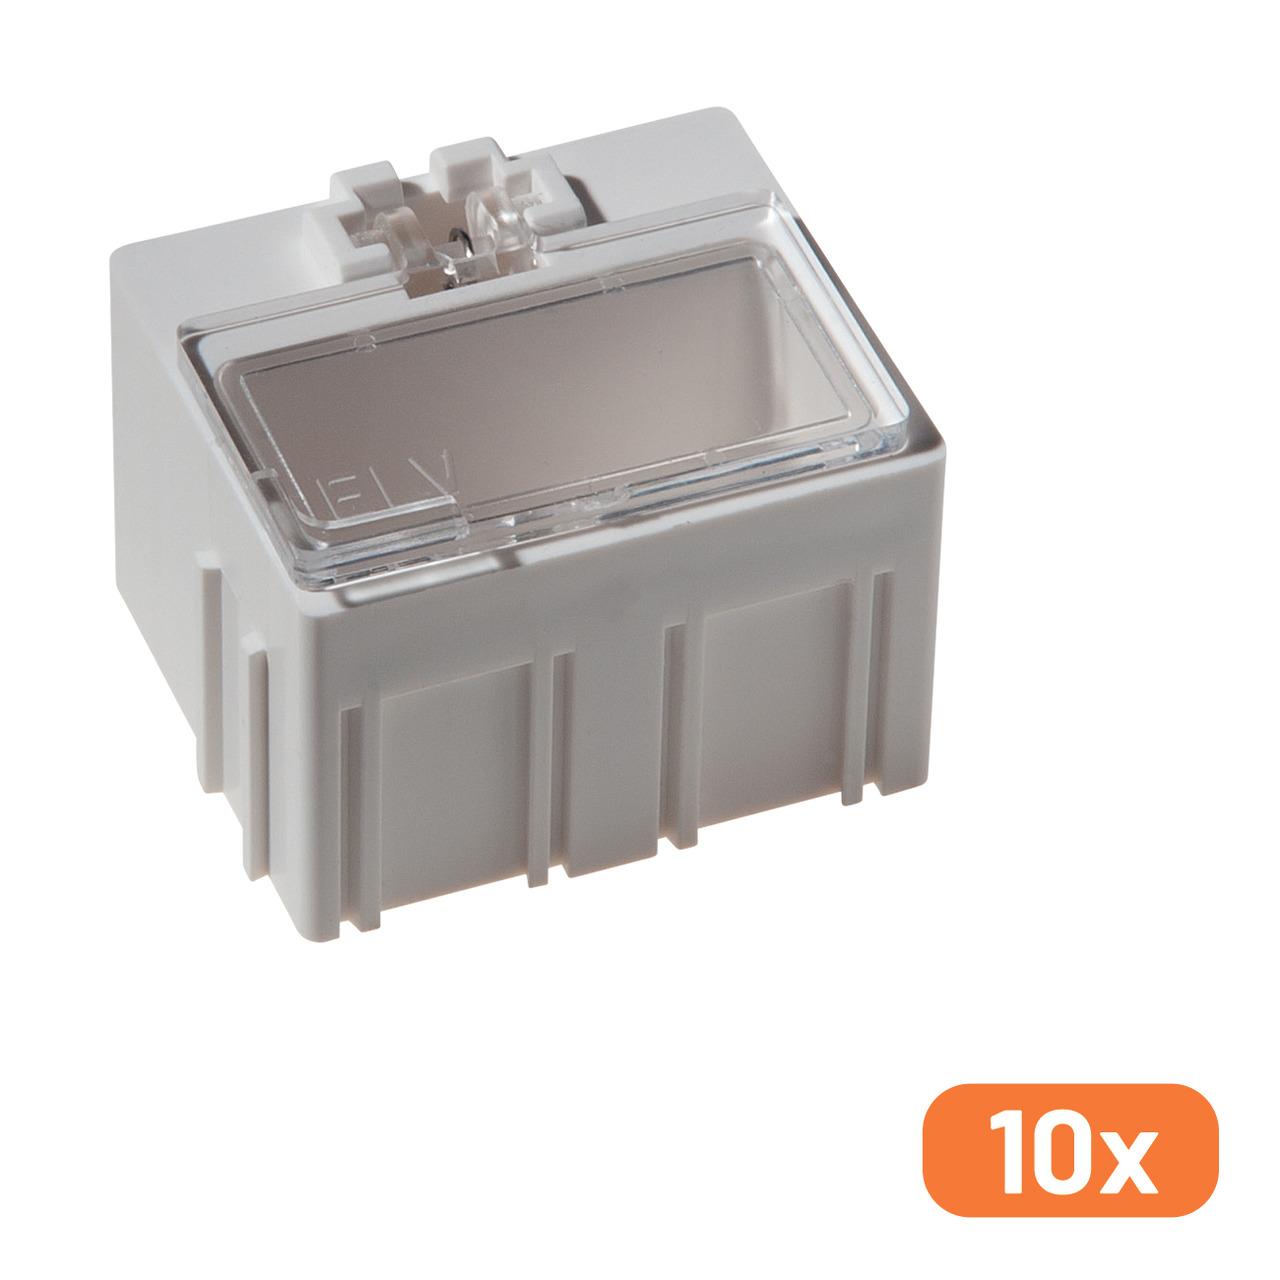 ELV 10er-Set SMD-Sortierbox- Altweiss- 23 x 31 x 27 mm